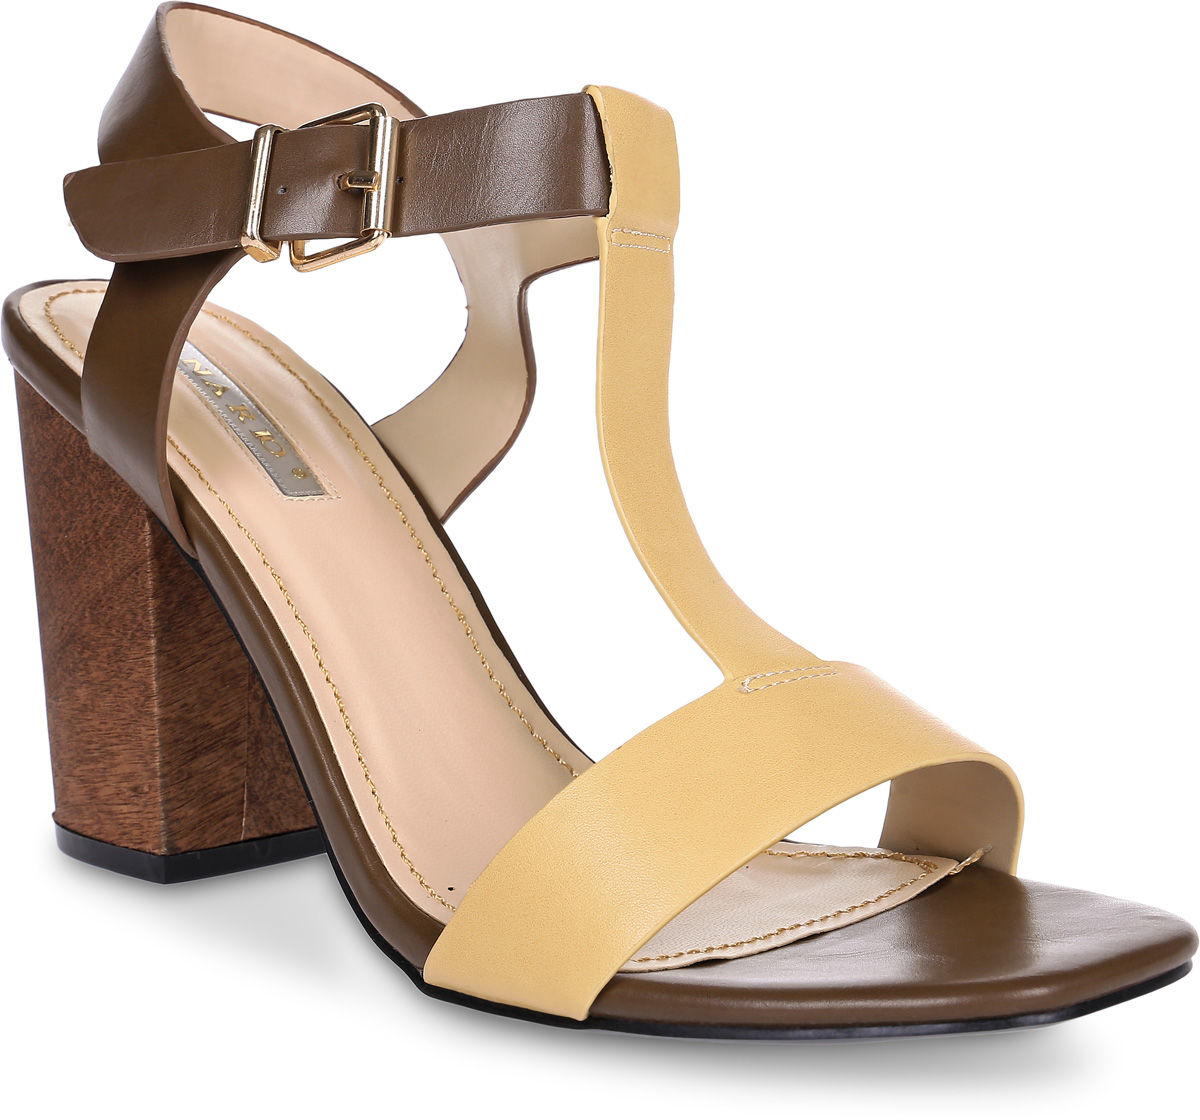 Босоножки Inario, цвет: коричневый, бежевый. 17044-02-18. Размер 3517044-02-18Босоножки Inario выполнены из искусственной кожи. Модель фиксируется на ноге при помощи ремешка на пряжке. Внутренняя поверхность и стелька из искусственной кожи создают комфорт при движении. Подошва выполнена из прочного полимерного материала. Модель имеет устойчивый каблук-столбик с декором под дерево.